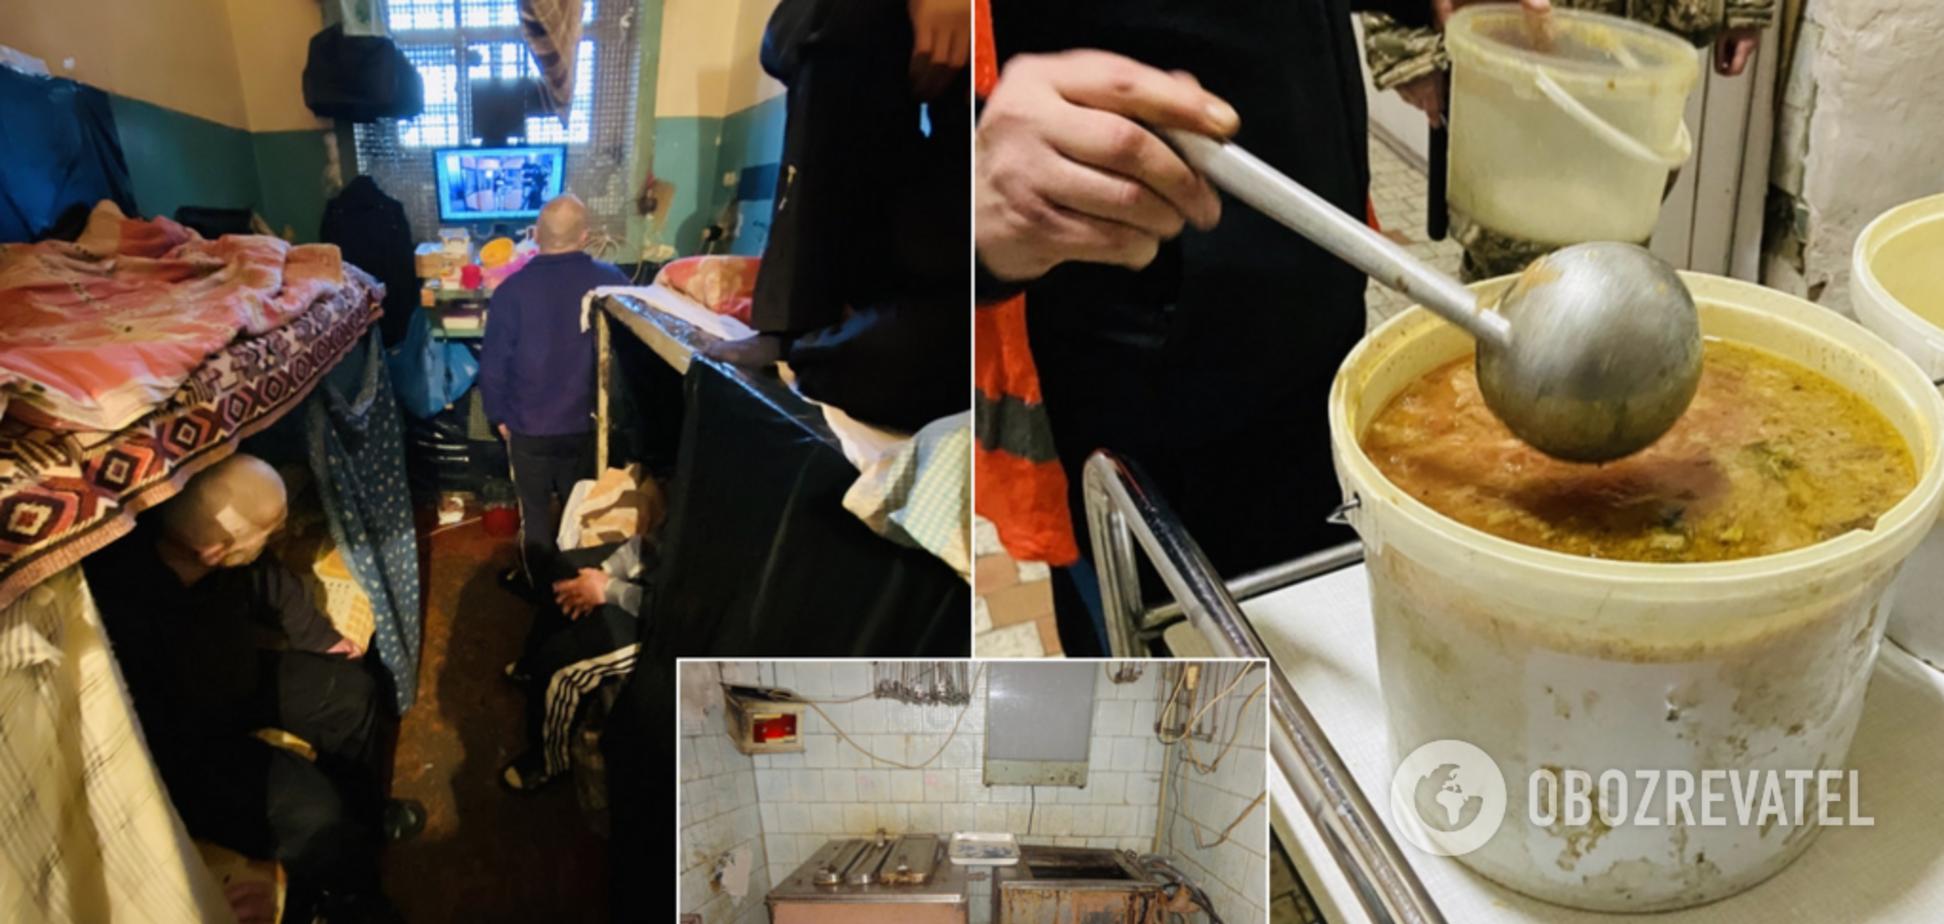 Туберкульоз, грибок і сплять по черзі: з'явилися нові жахливі фото з Лук'янівського СІЗО